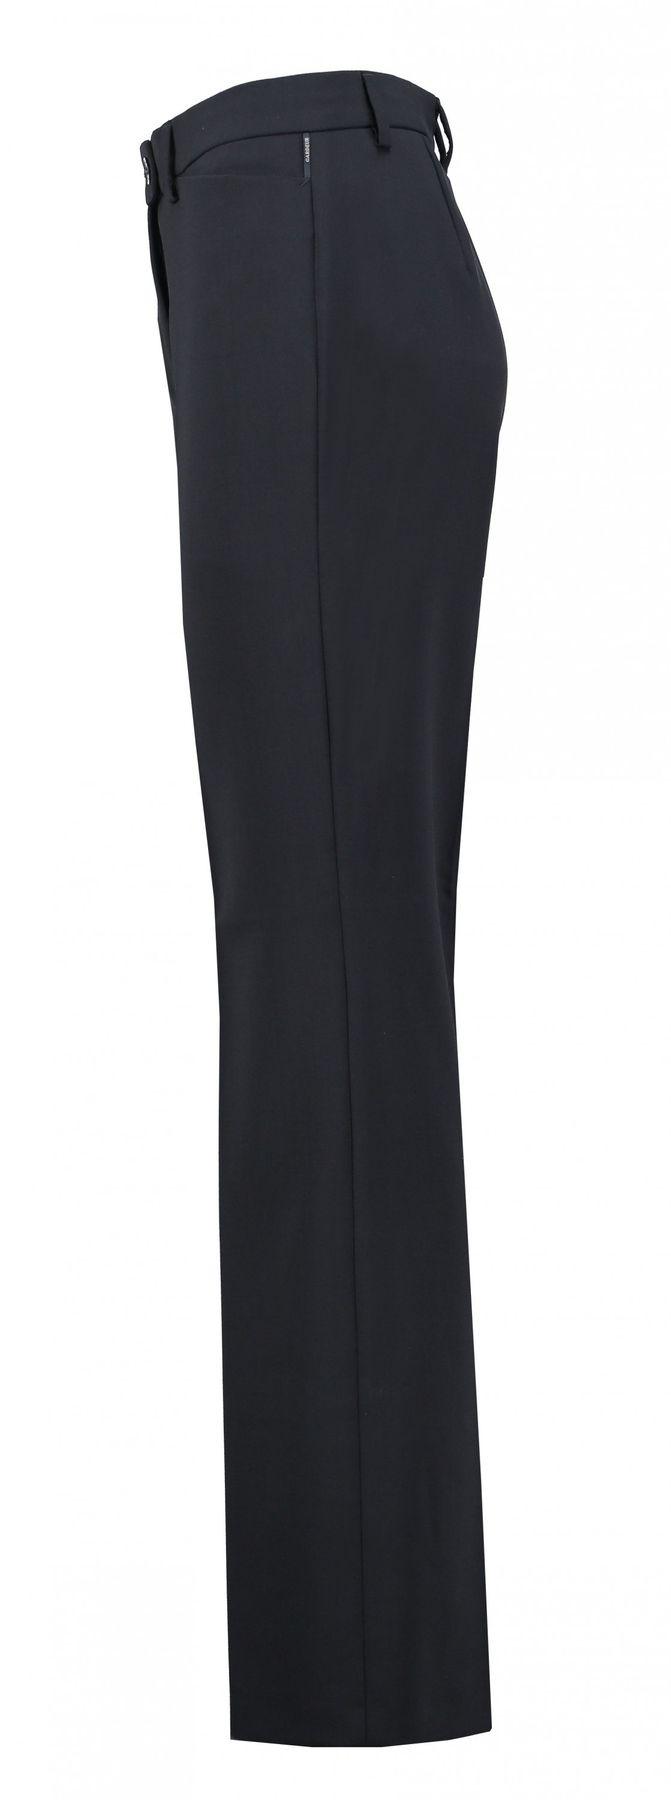 Atelier Gardeur - Slim Fit - Damen Cityhose aus moderner Wollmischung in Nachtblau oder Grau, Dora (61458) – Bild 6